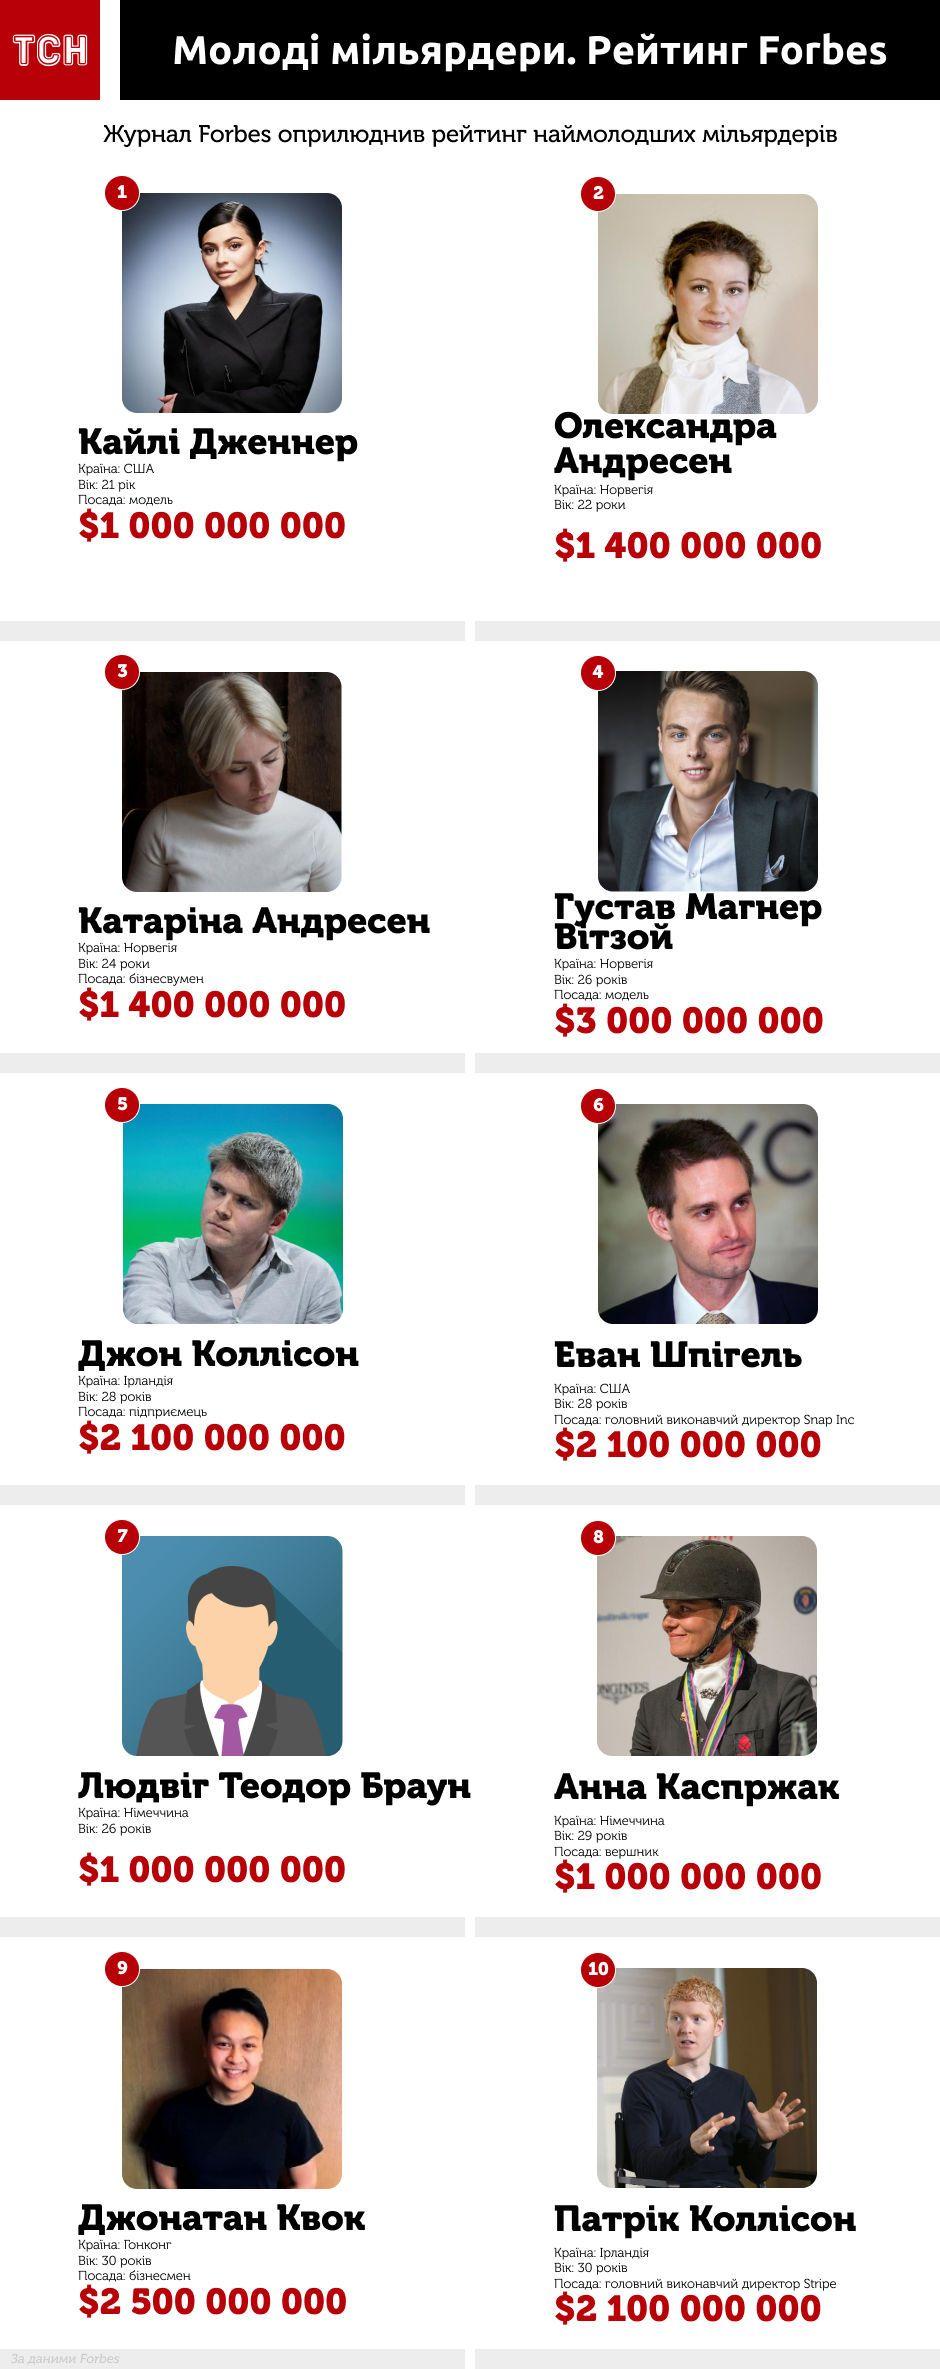 Наймолодші мільярдери, Forbes, Інфографіка